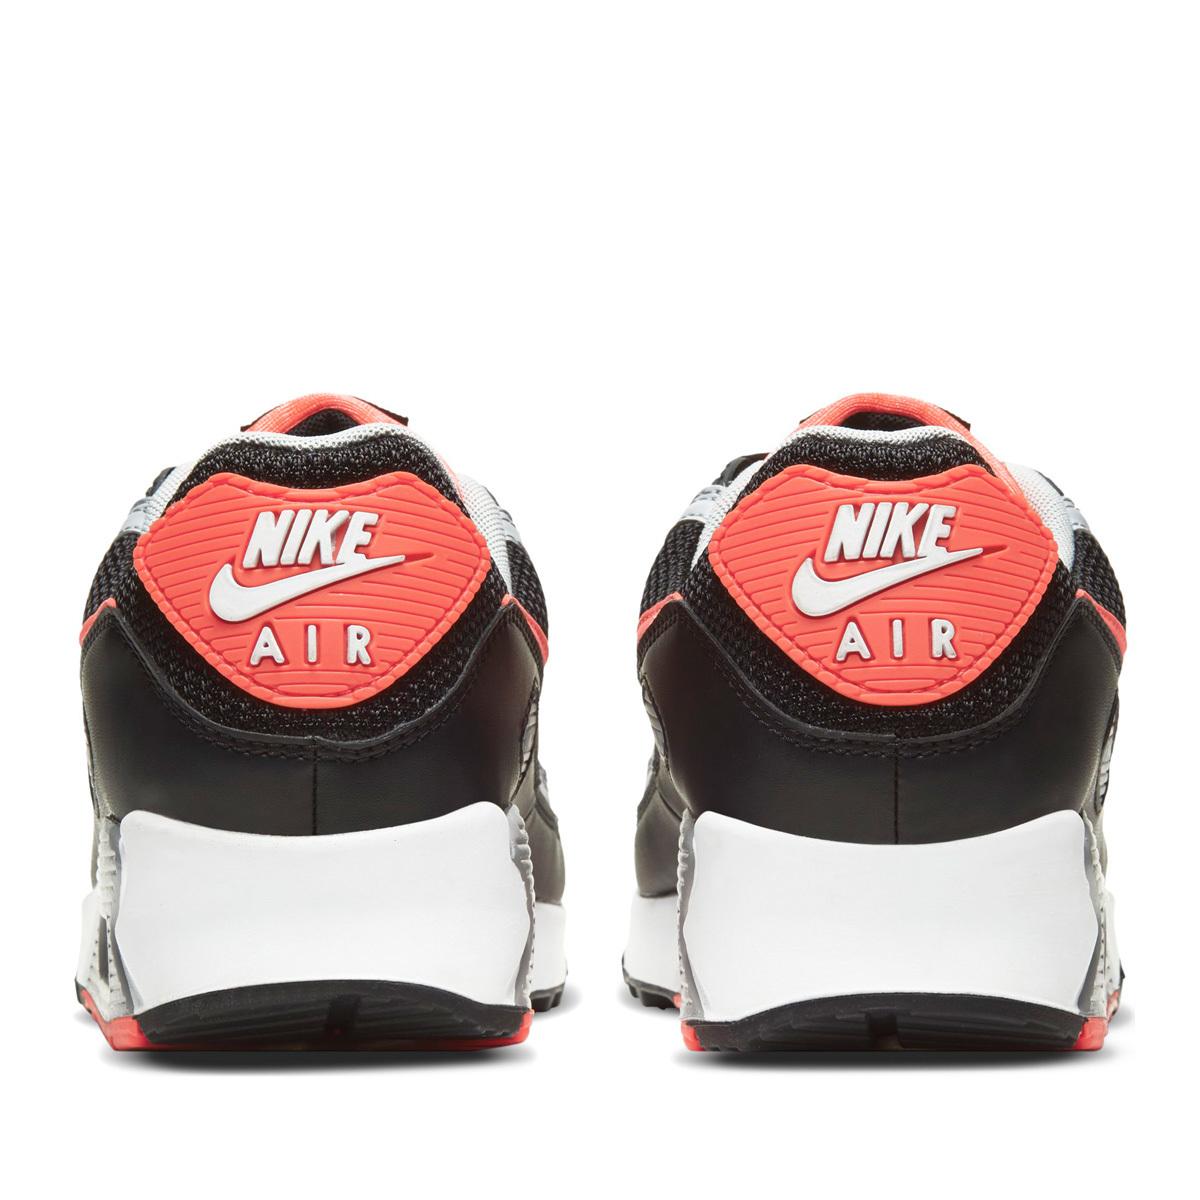 送料無料 29cm●NIKE AIR MAX 90 ナイキ エア マックス 90 CZ4222-001 黒 赤 オレンジ グレー メンズ スニーカー 90年代 定番 人気_画像5